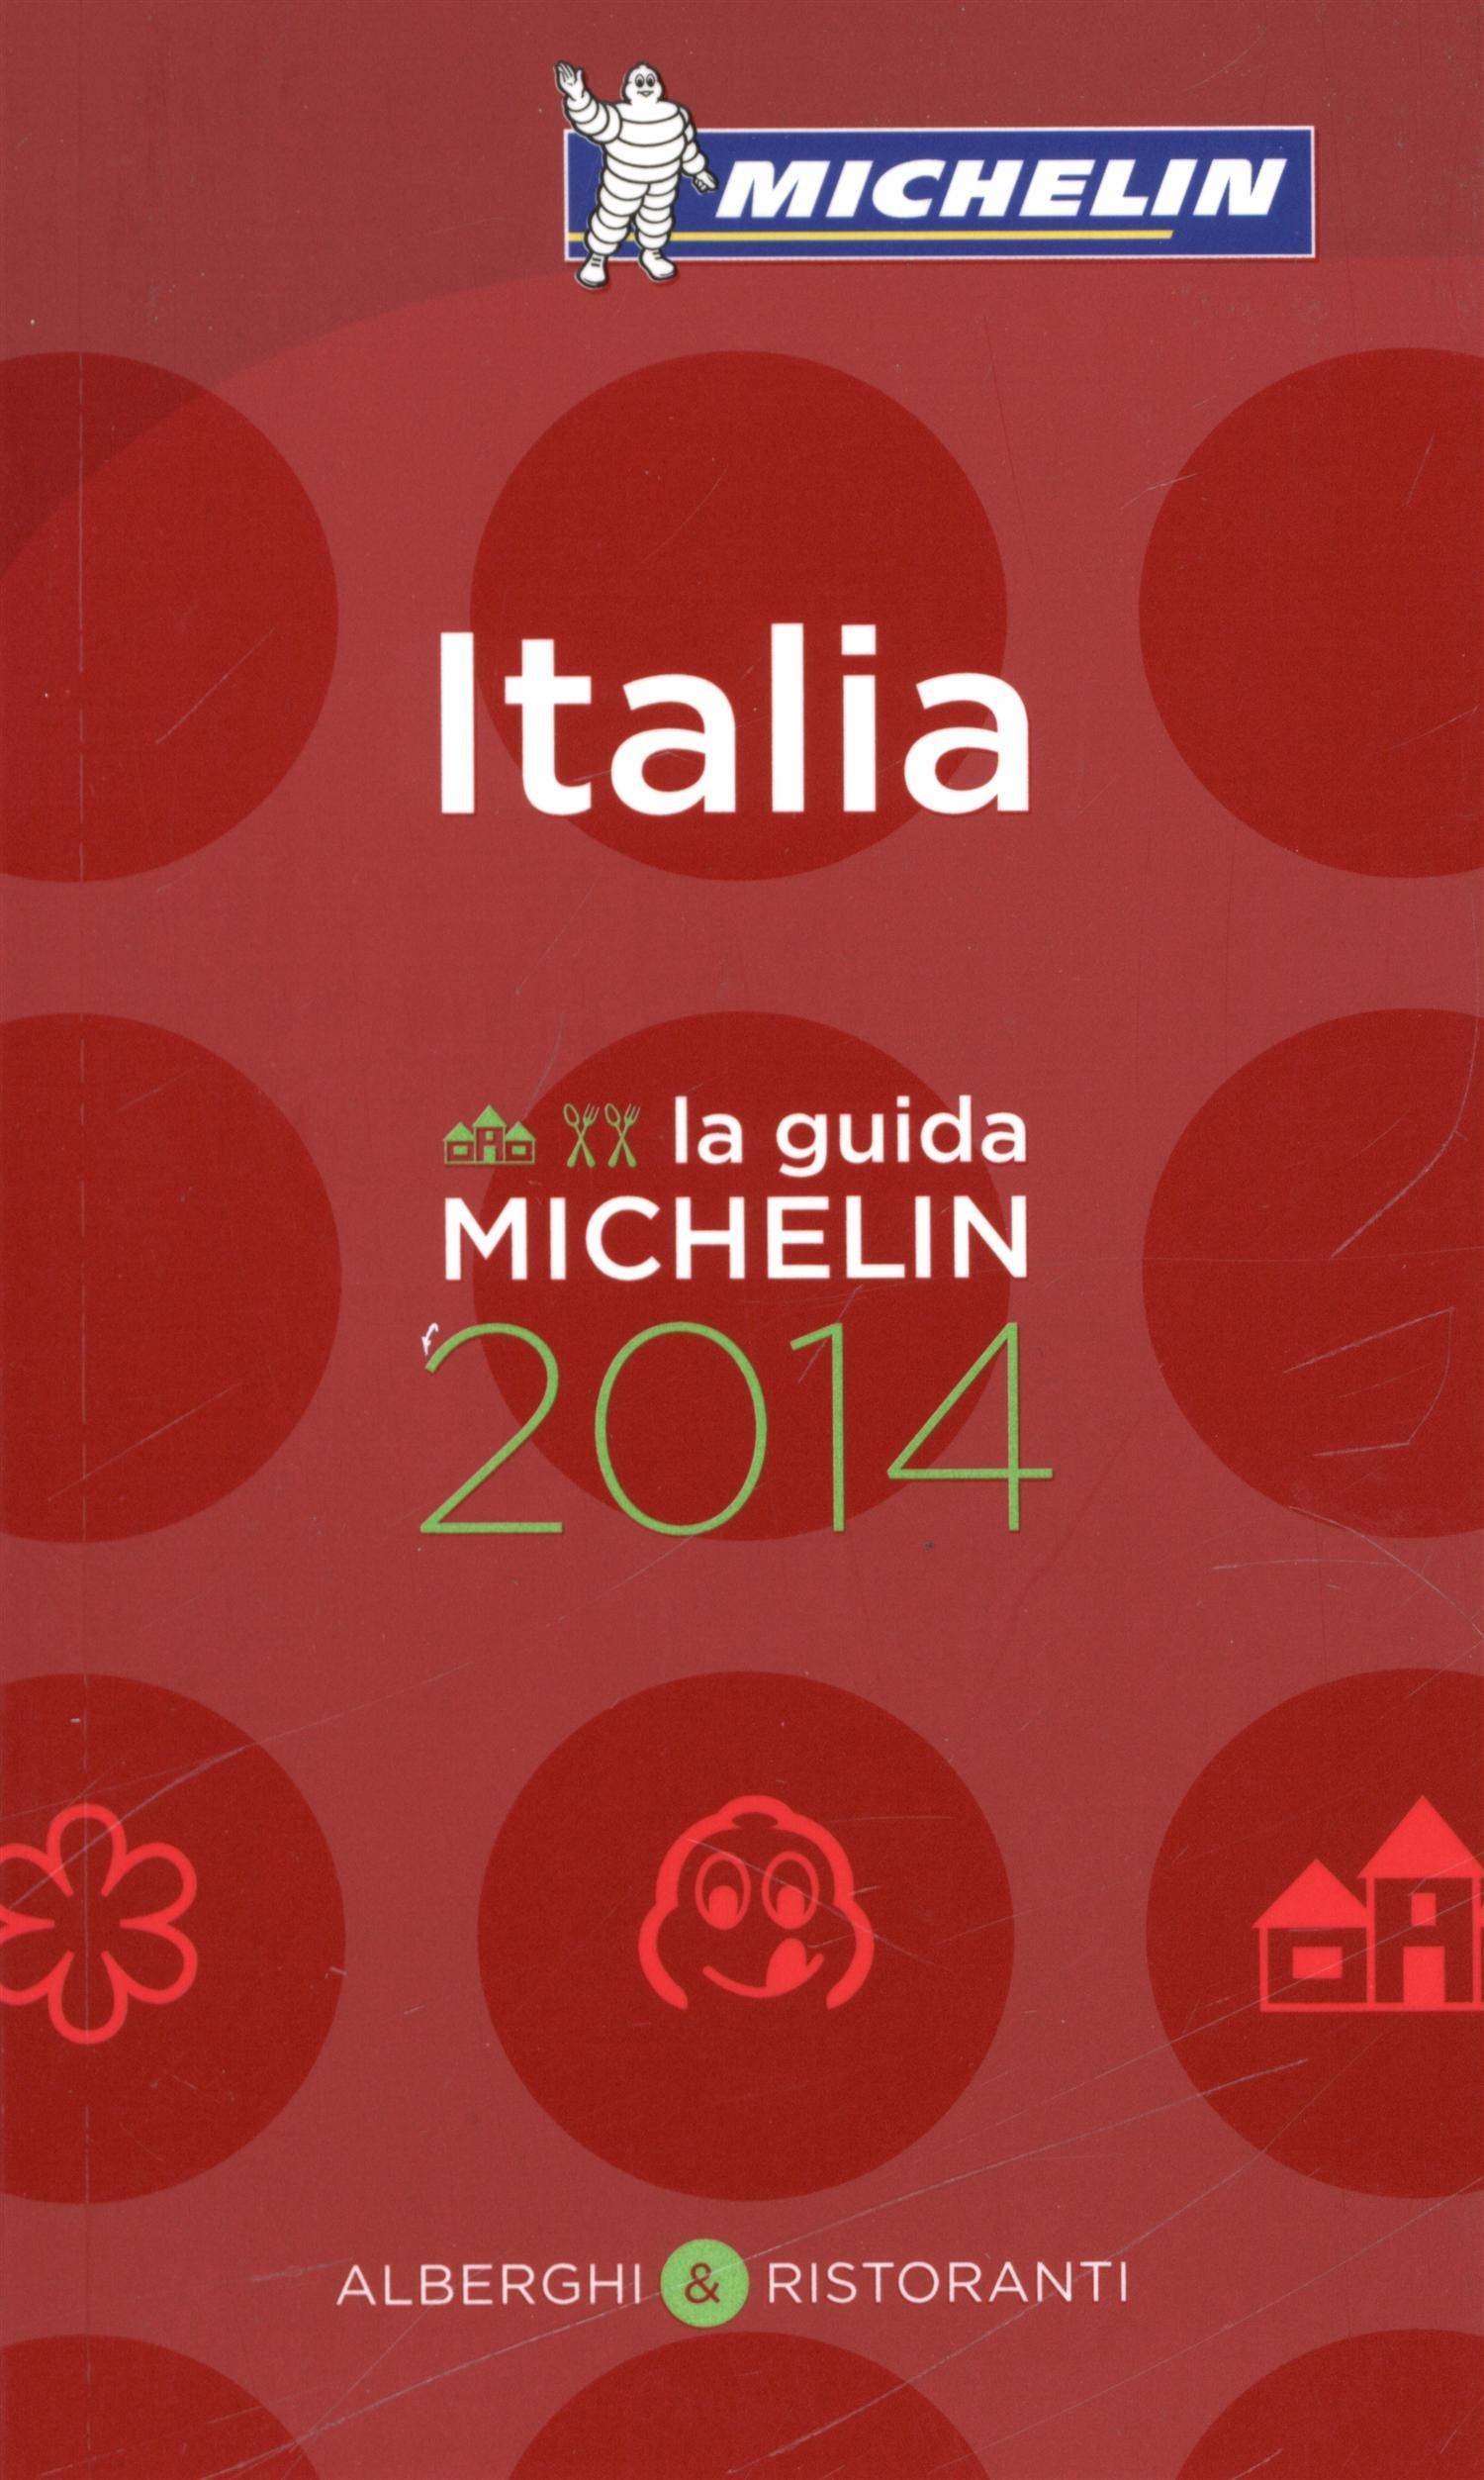 MICHELIN Guide Italia 2014 (Michelin Guide/Michelin) (Italian Edition)